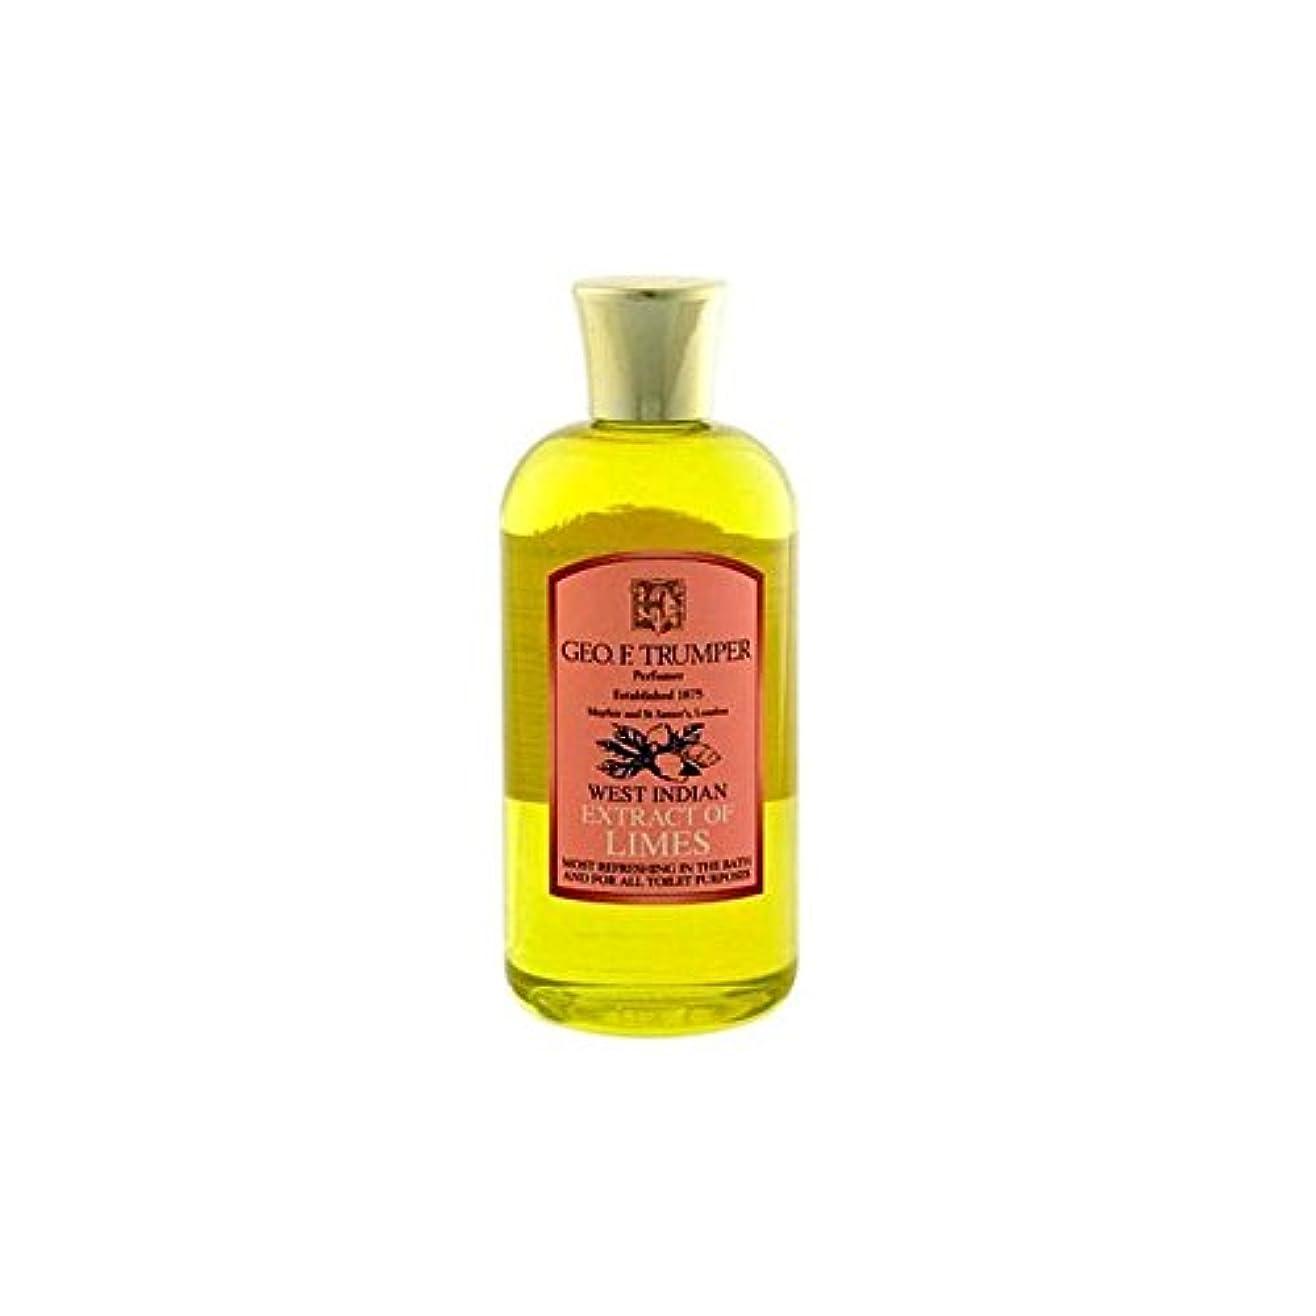 エスニック中止しますインカ帝国ライムのバスタブとシャワージェル200の抽出物を x4 - Trumpers Extracts of Limes Bath and Shower Gel 200ml (Pack of 4) [並行輸入品]